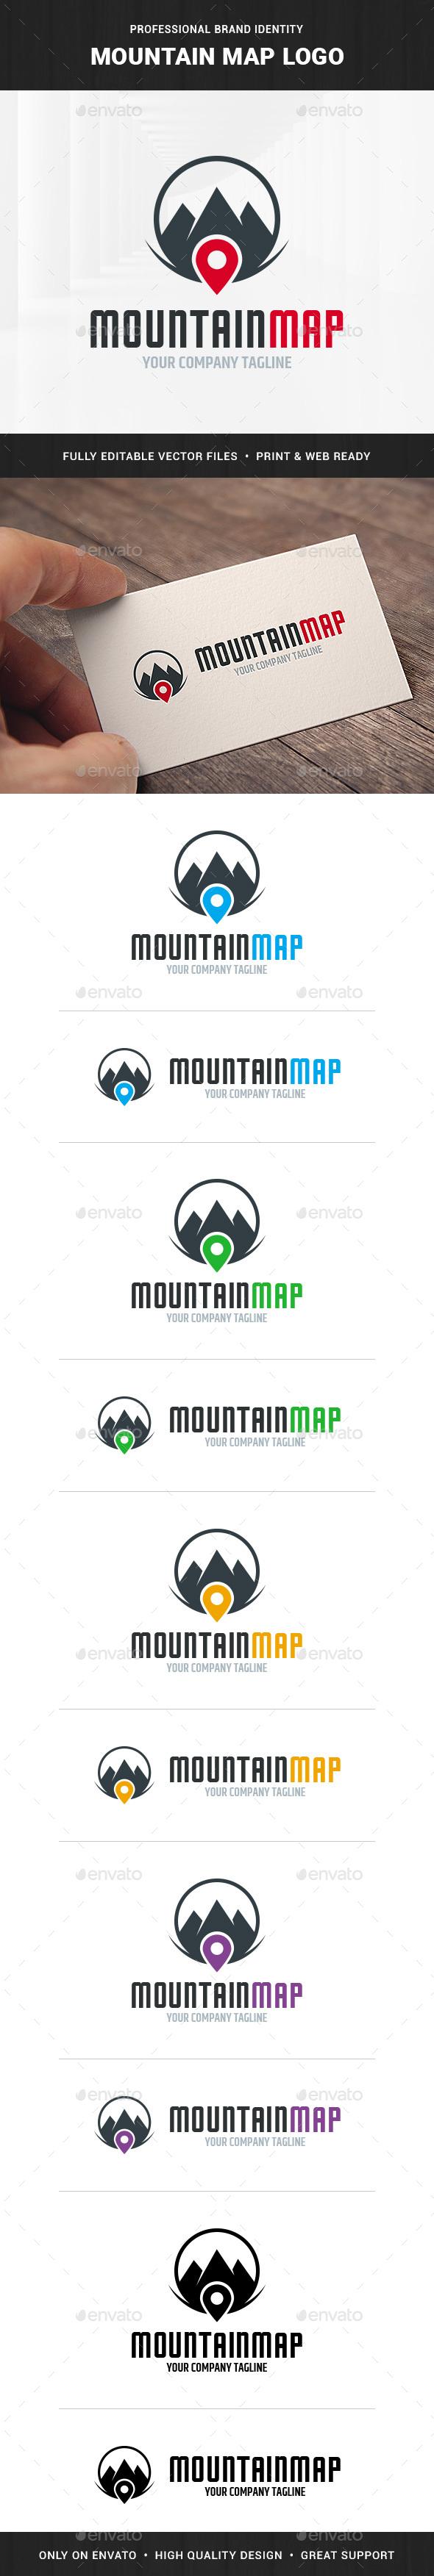 Mountain Map Logo Template